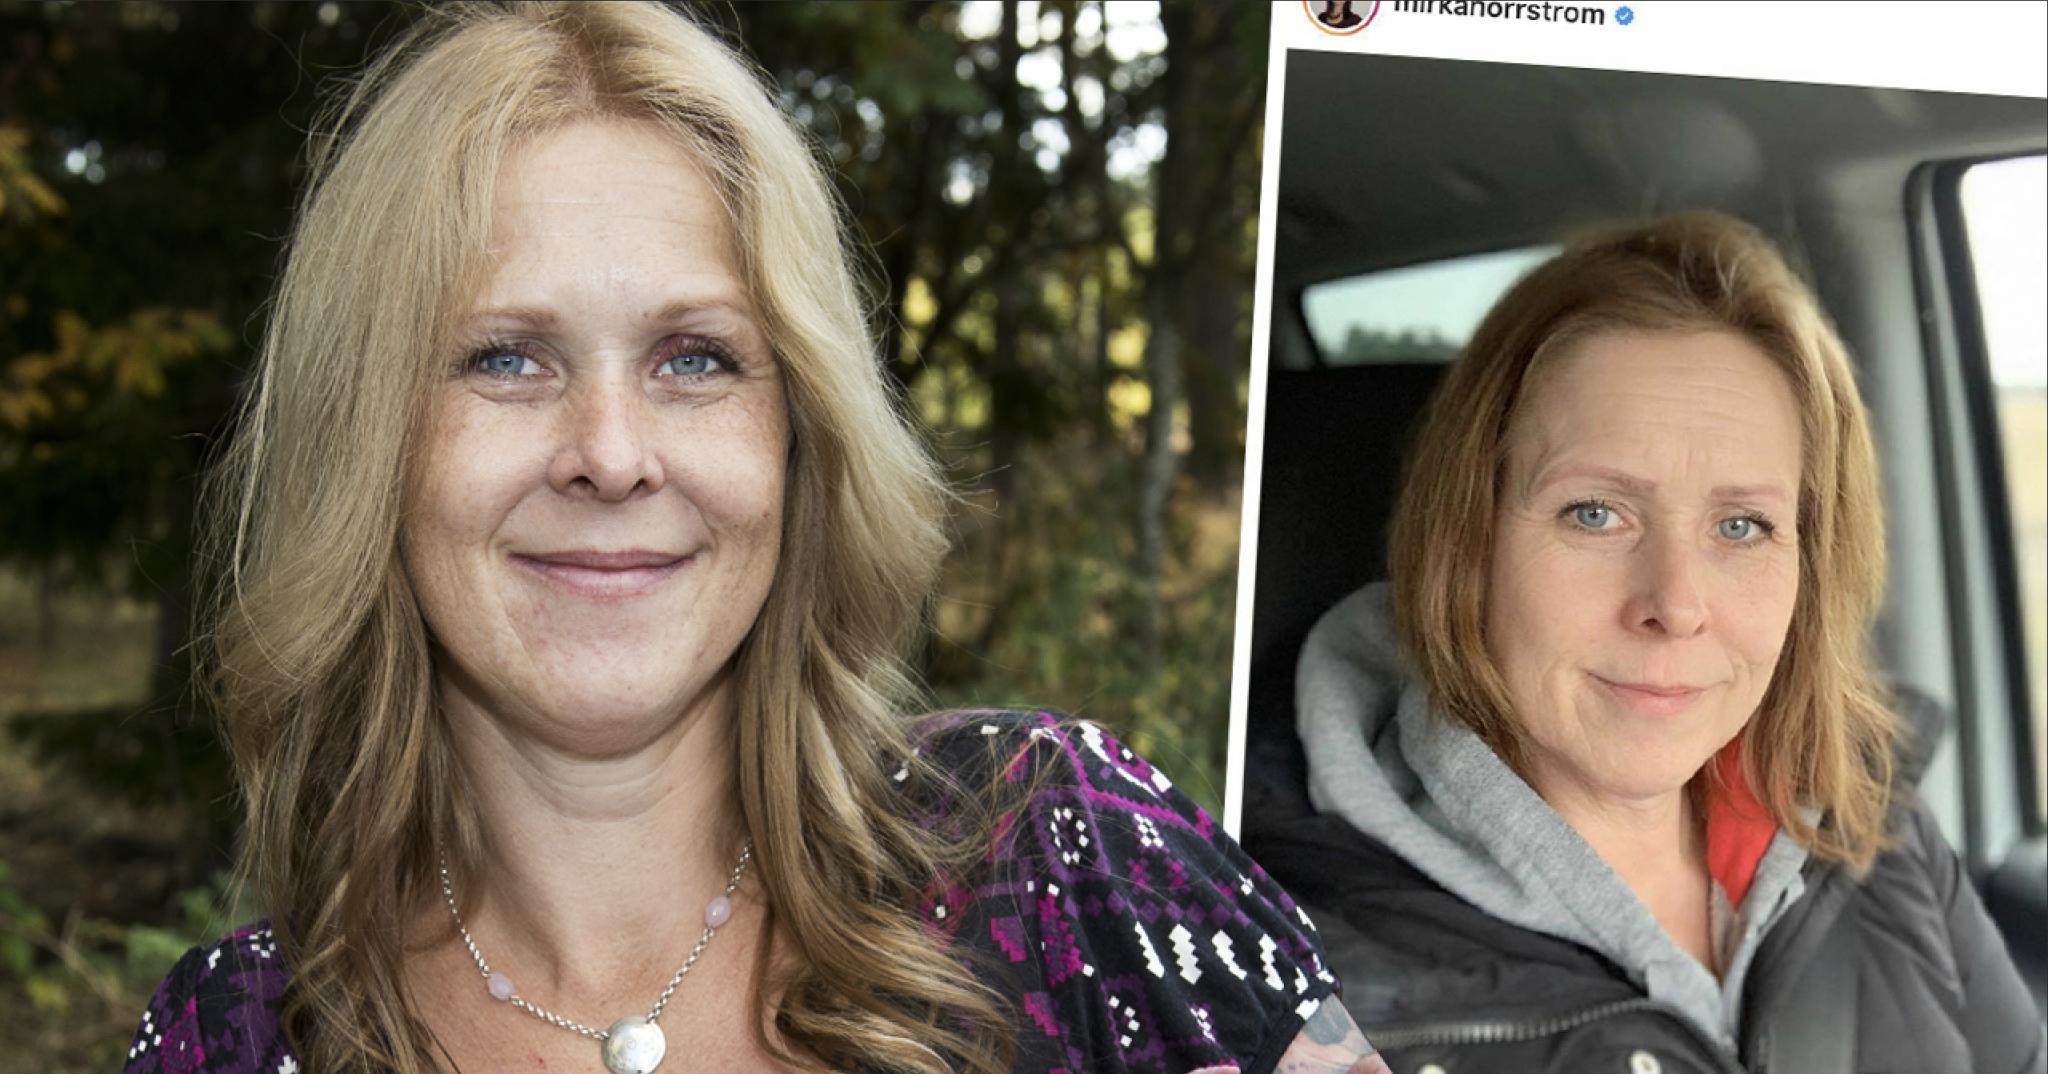 Trettonbarnsmamman Mirka Norrströms nya framtidsbesked